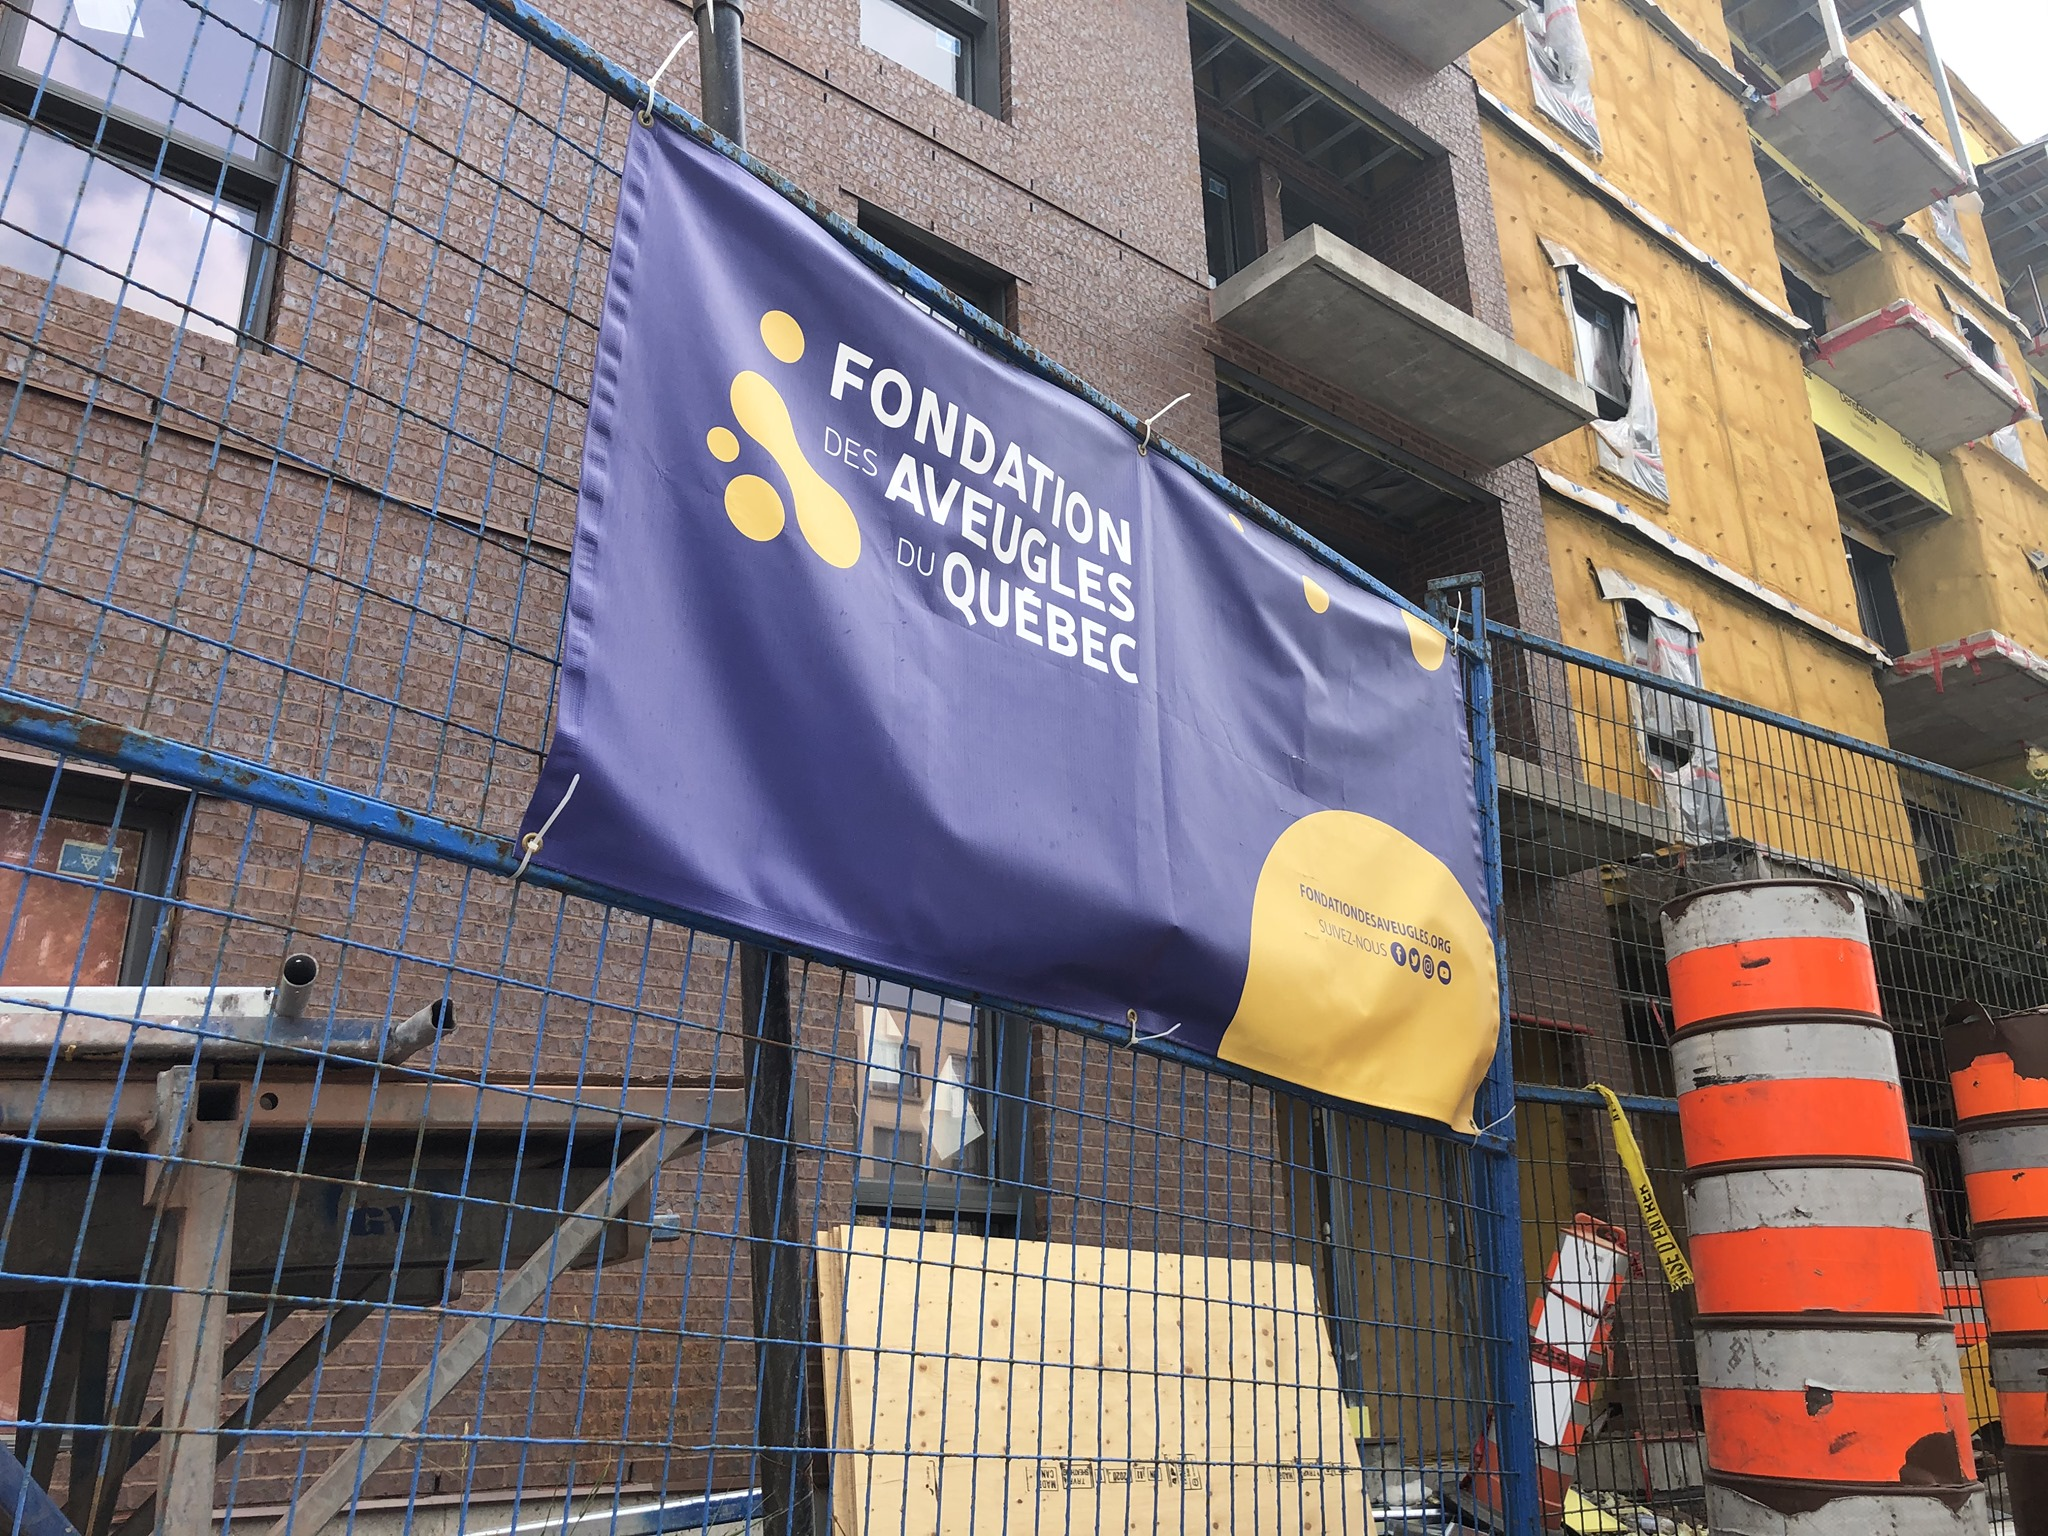 Une bannière de la FAQ est posée sur une barrière de métal lors de la construction de l'immeuble au 9050 Sherbrooke Est.